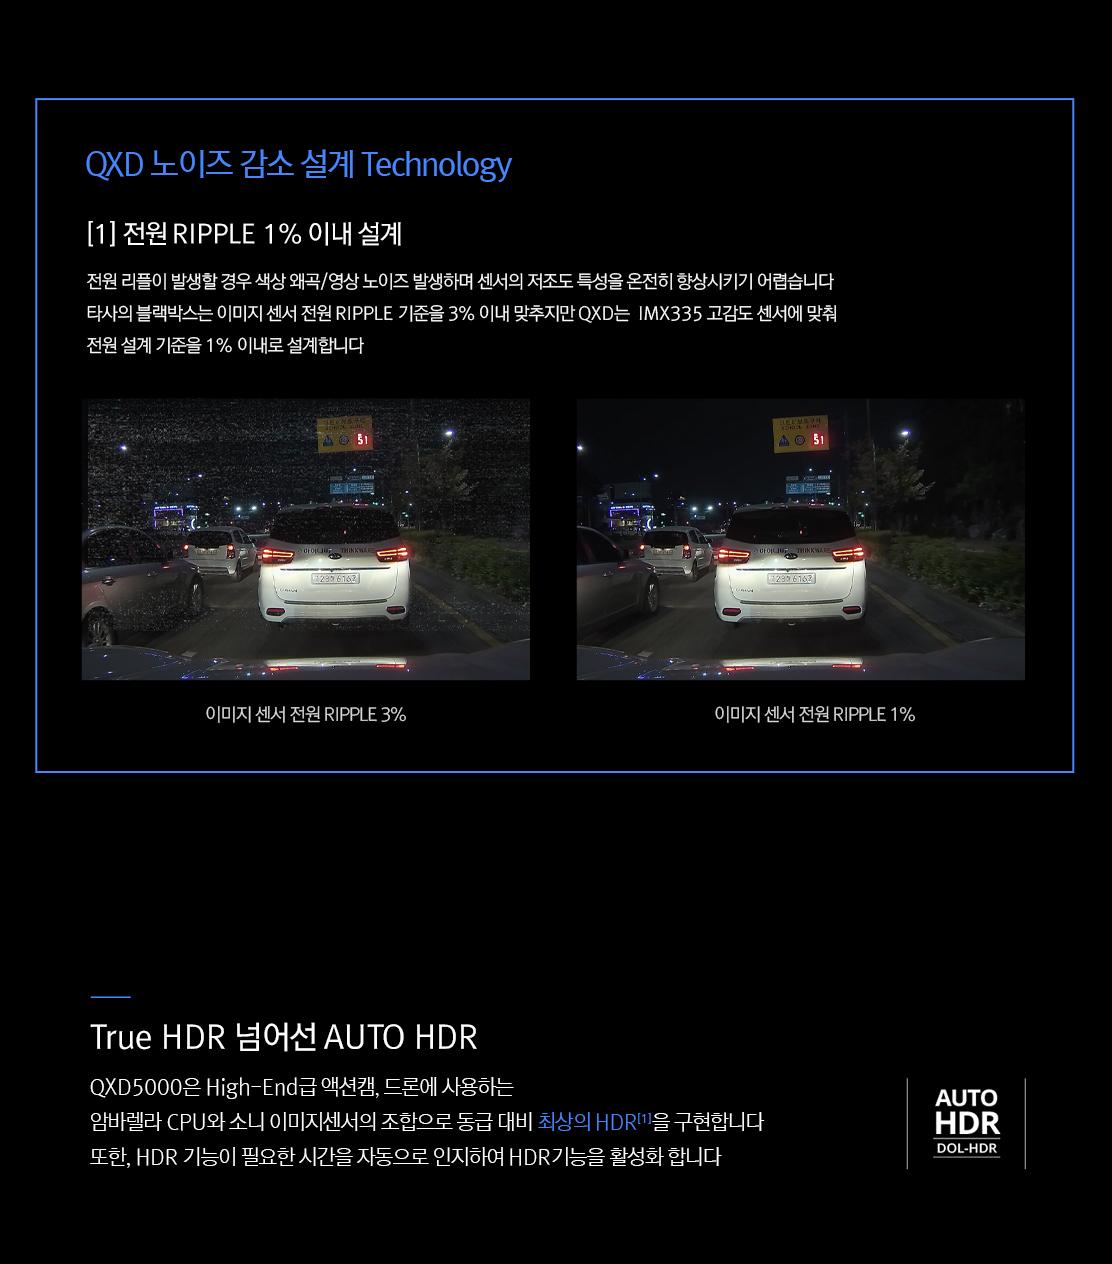 QXD5000